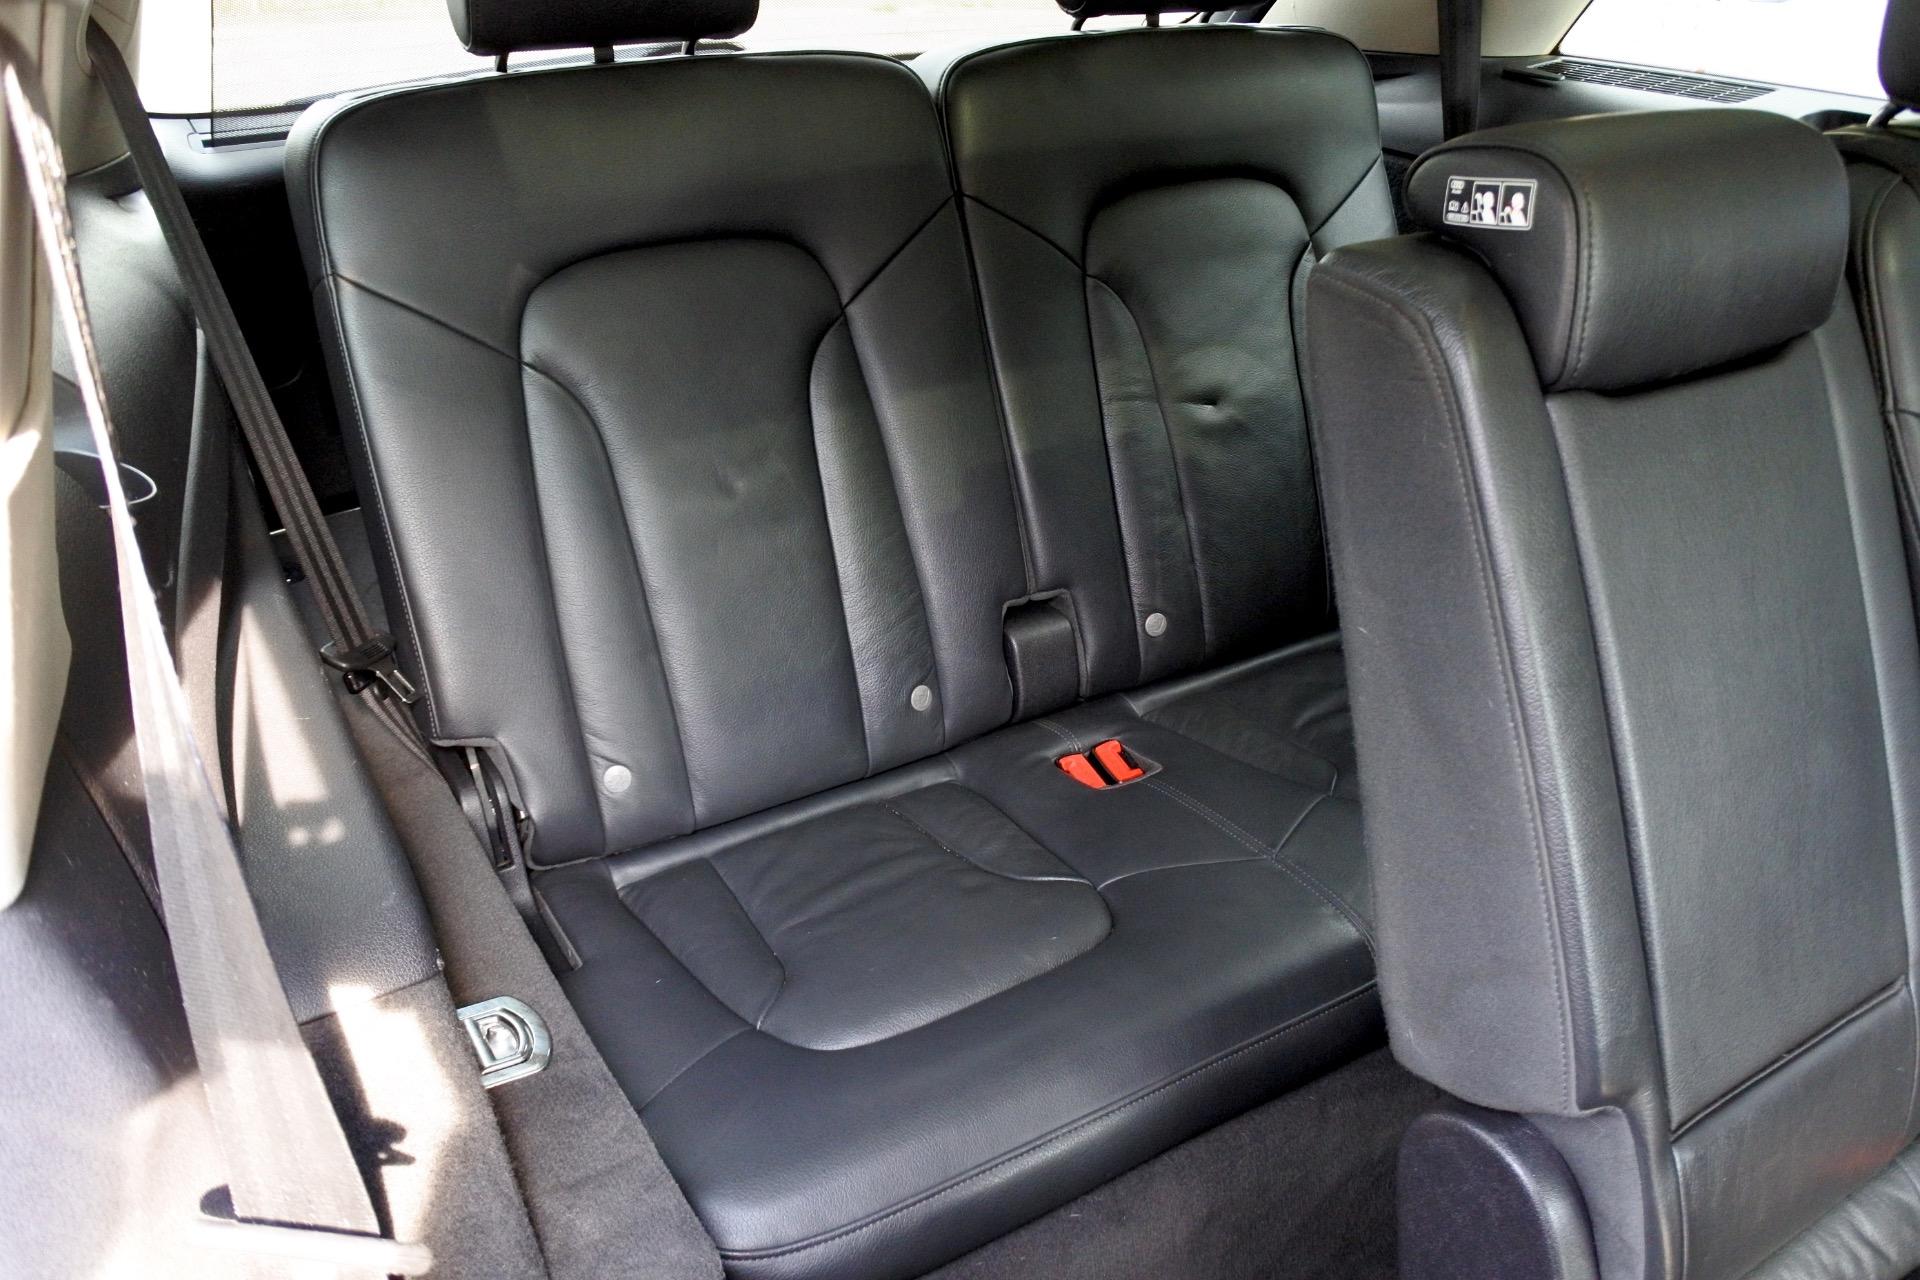 Used 2013 Audi Q7 TDI Premium Plus Used 2013 Audi Q7 TDI Premium Plus for sale  at Metro West Motorcars LLC in Shrewsbury MA 20